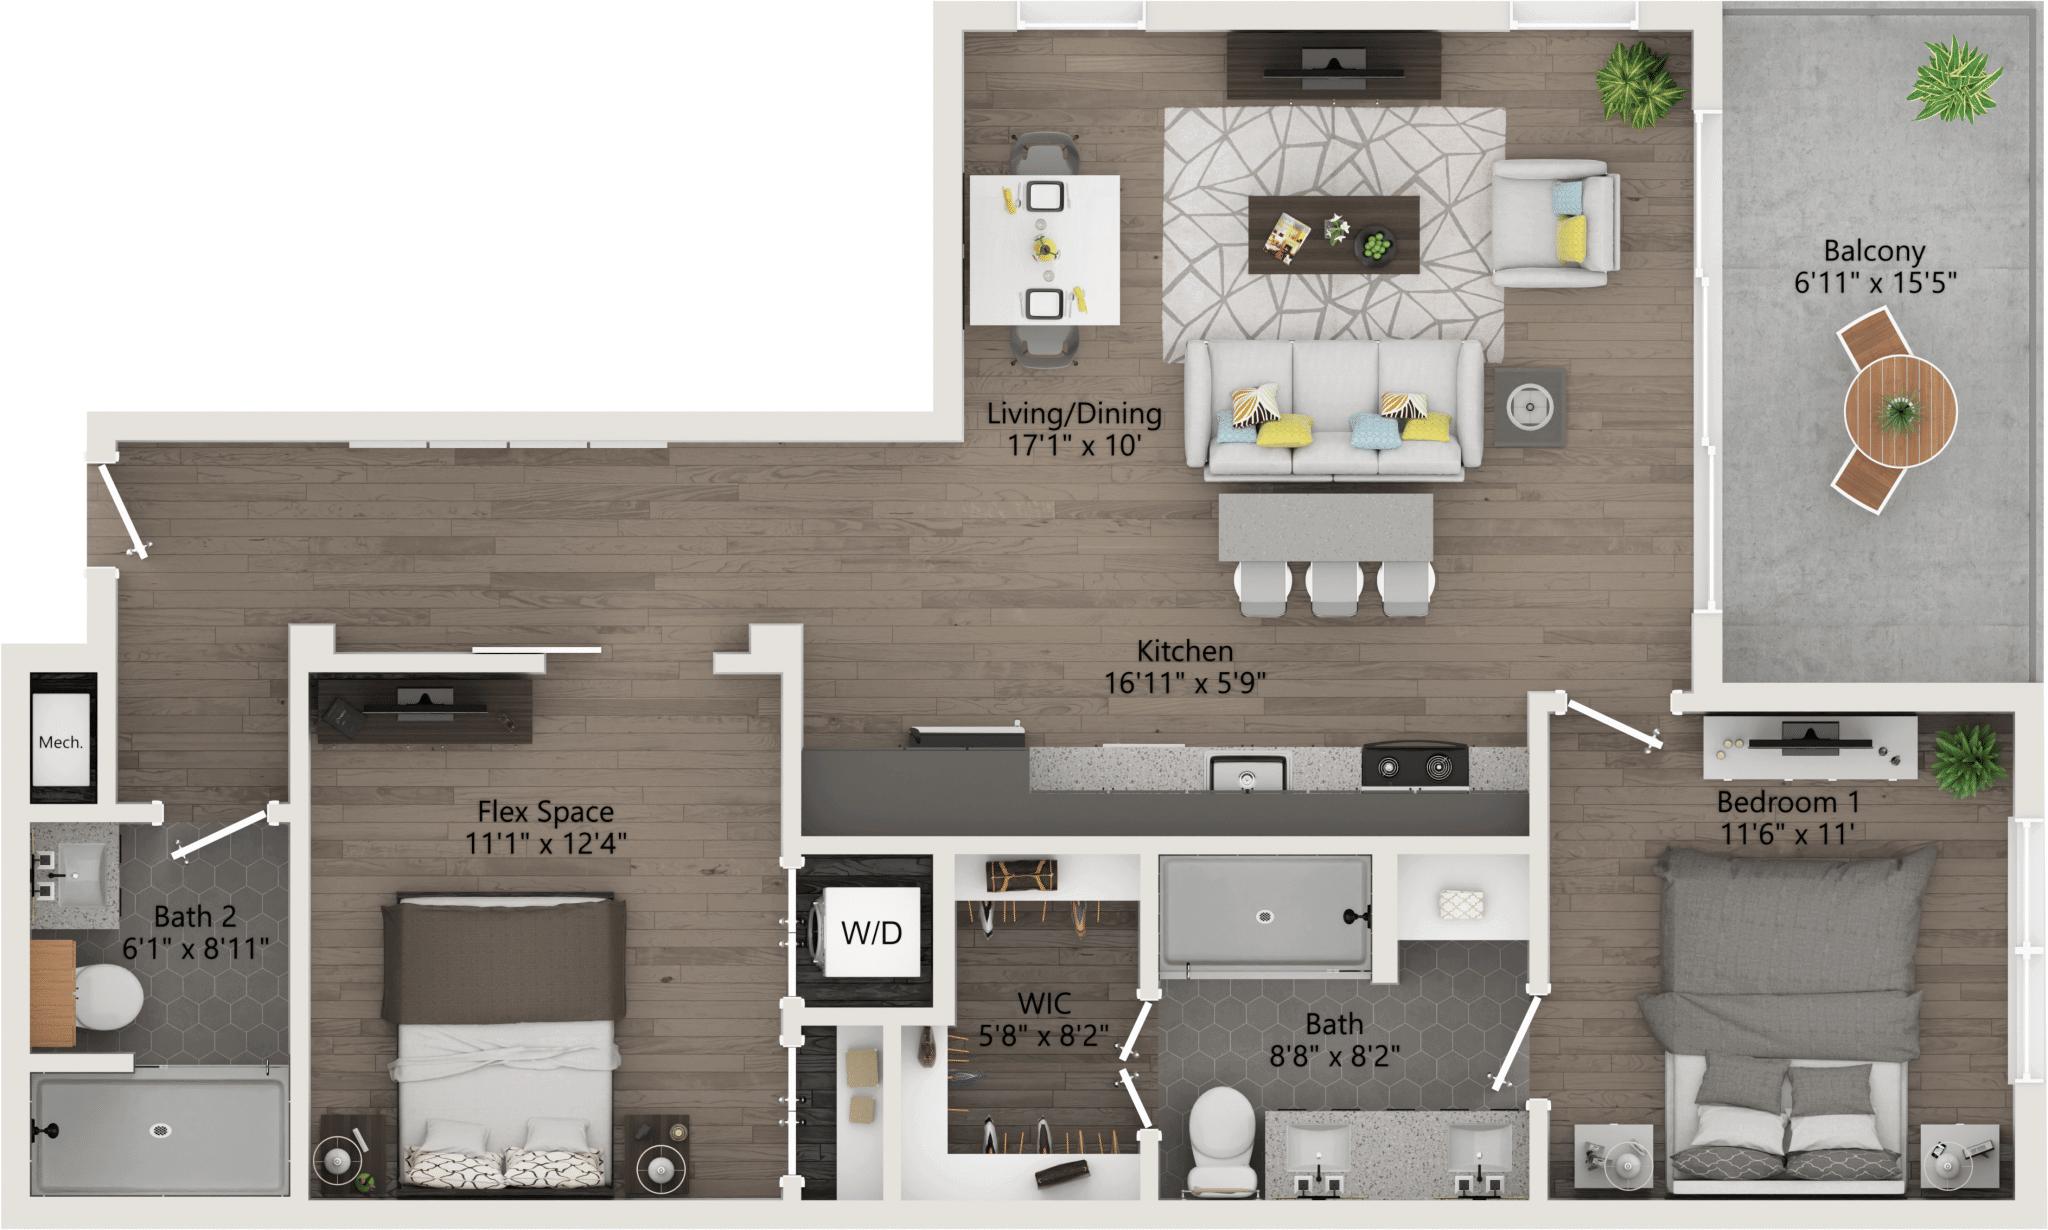 One Bedroom 995ft,119ft,patio